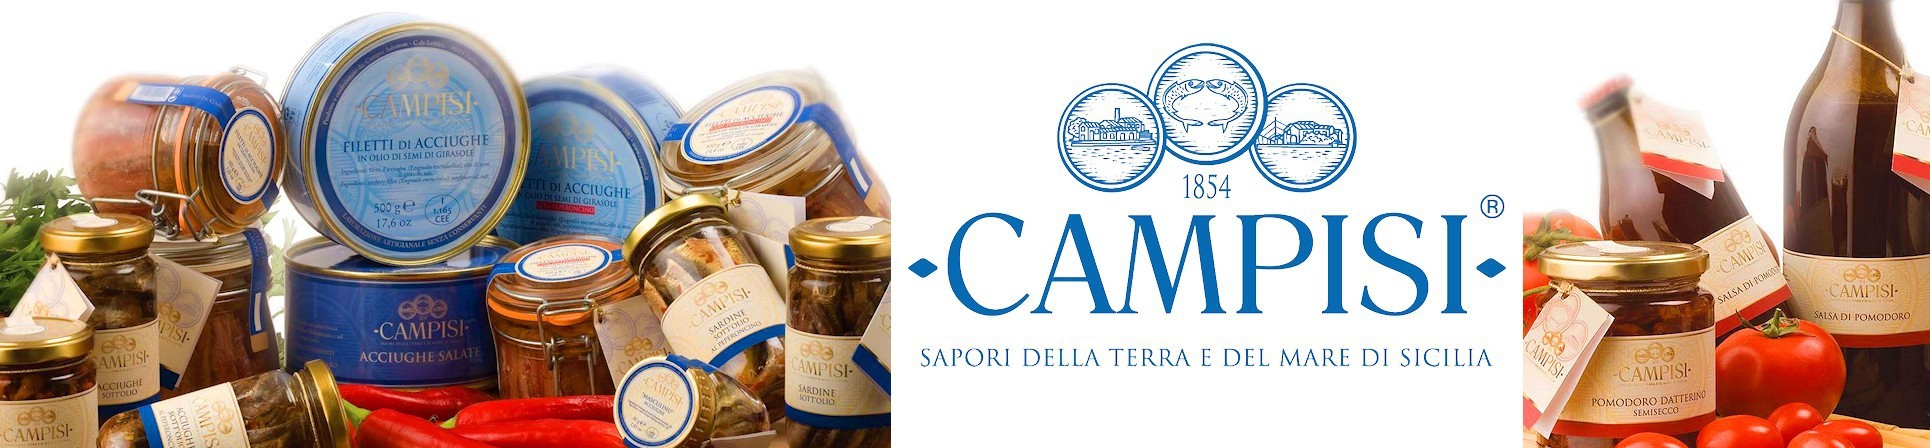 B2B GUSTOX - il Marketplace all'ingrosso delle eccellenze agroalimentari italiane - CAMPISI Conserve